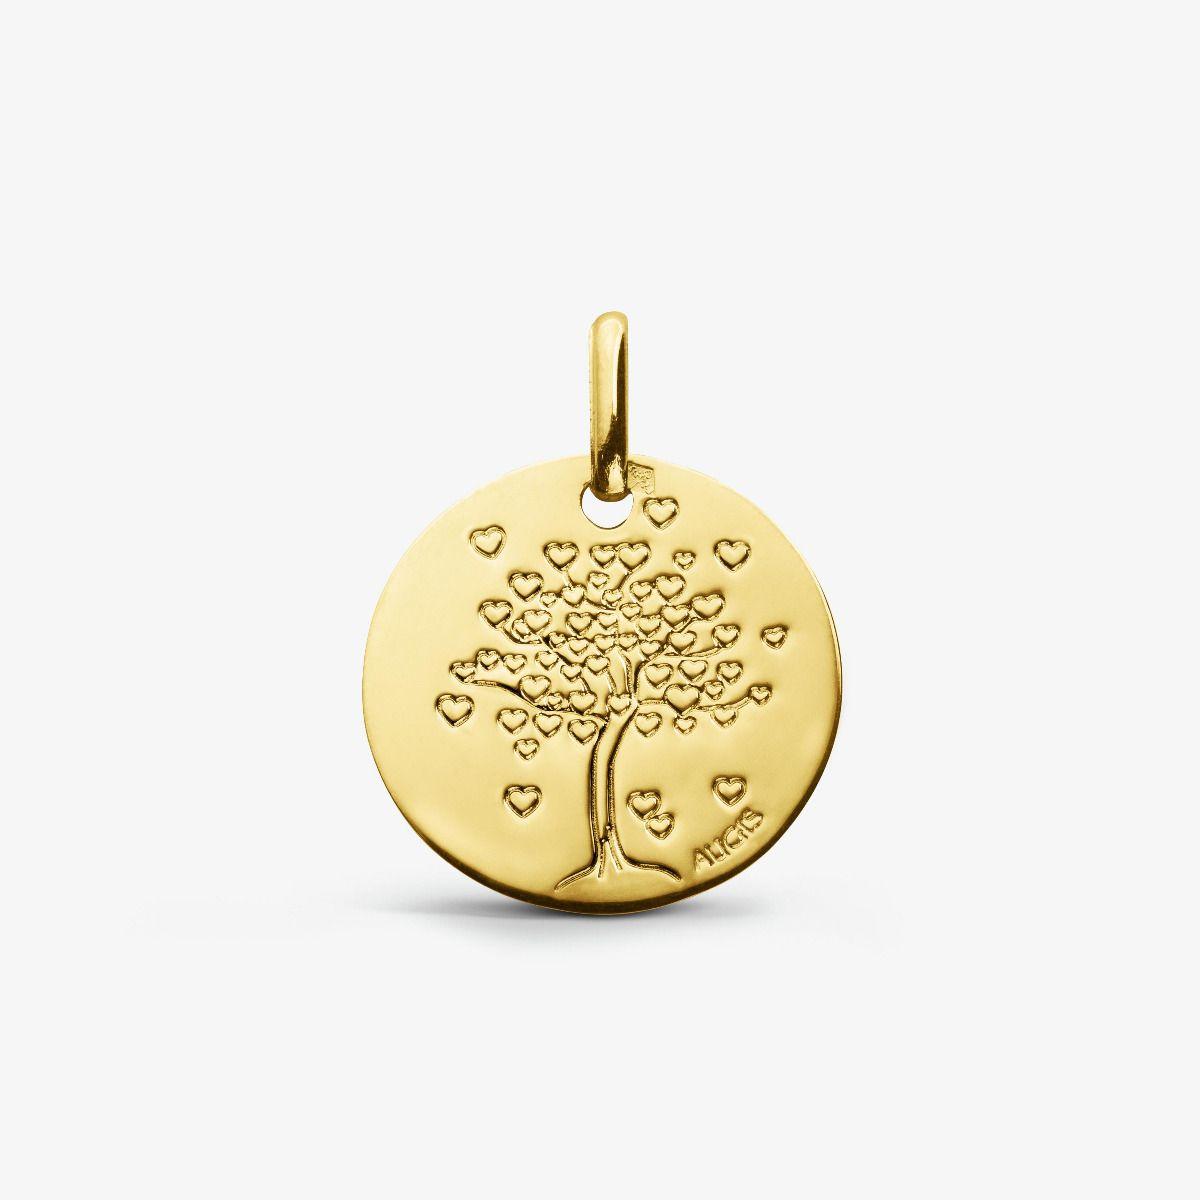 Médaille de baptême Arbre de Vie avec cœurs en or jaune 18 carats 16mm